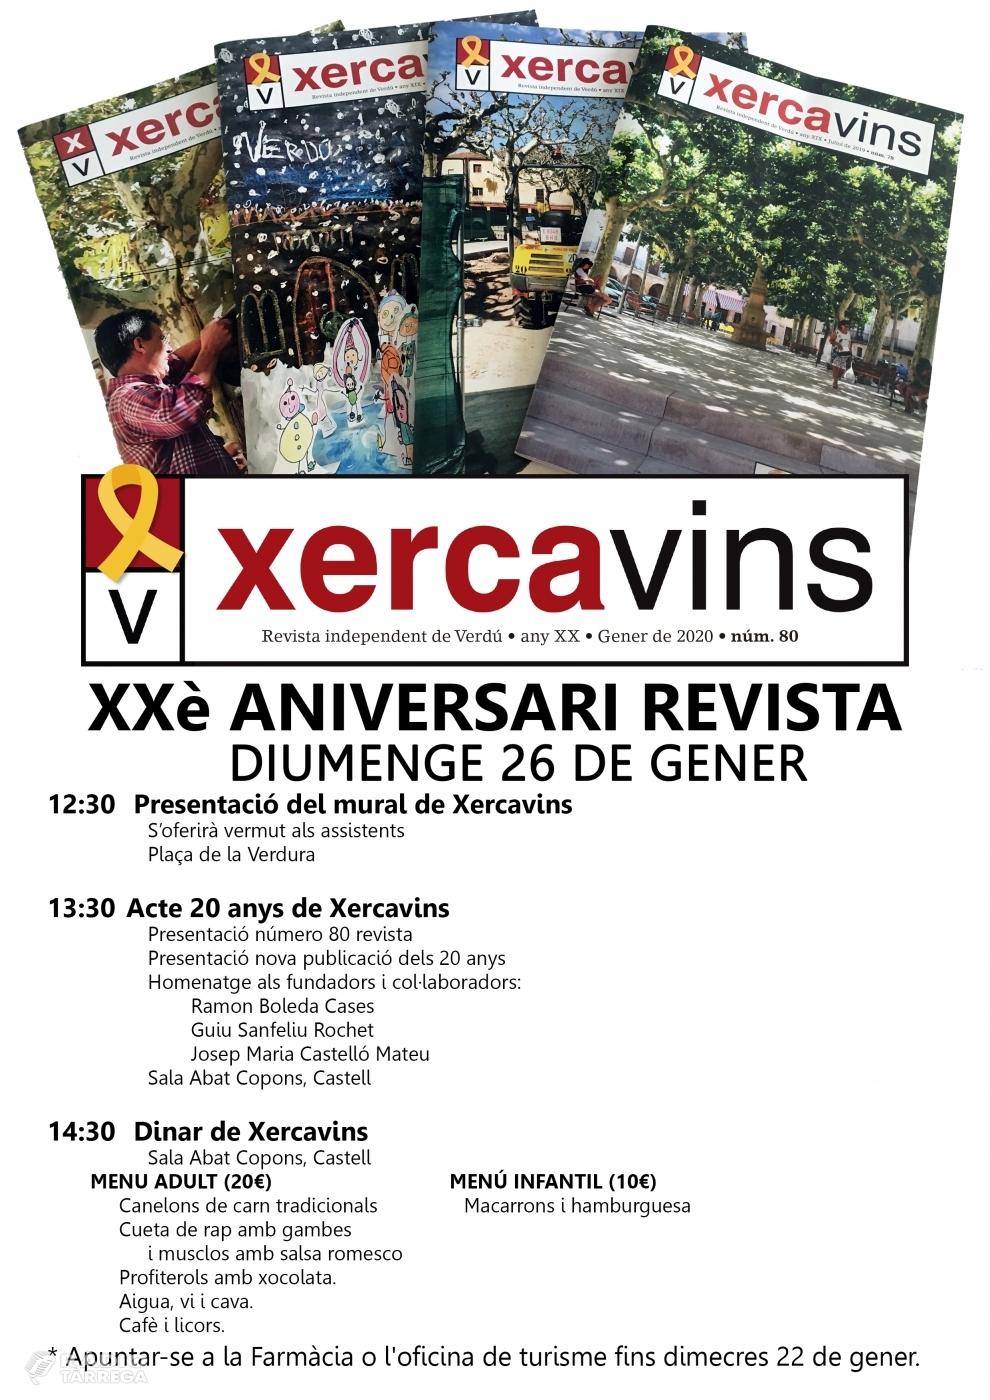 La revista Xercavins de Verdú fa 20 anys